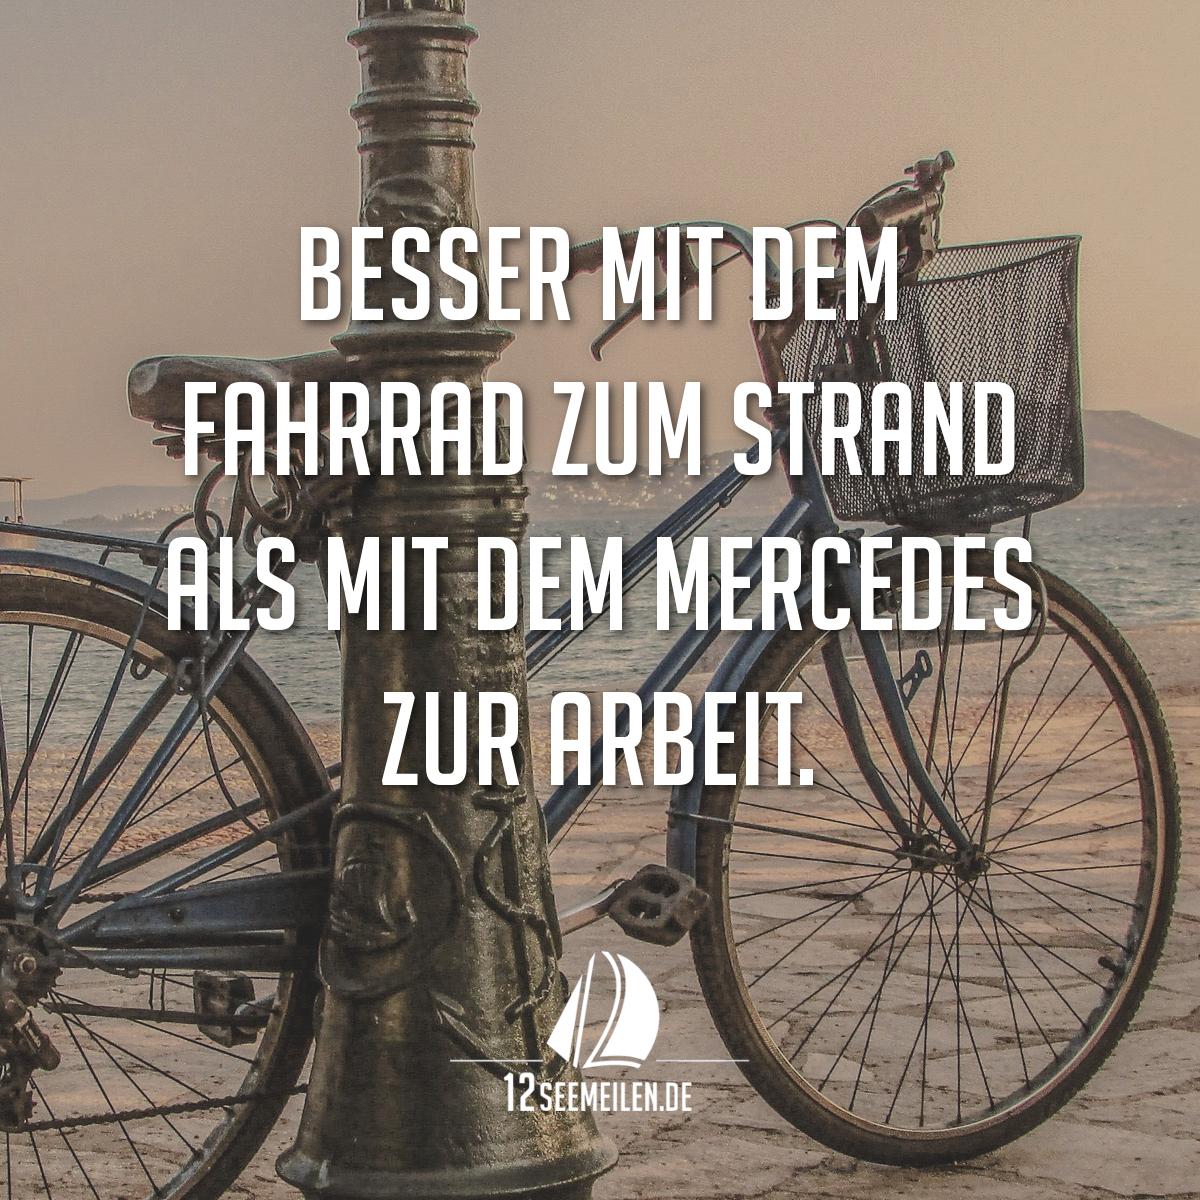 Besser mit dem Fahrrad zum Strand als mit dem Mercedes zur Arbeit